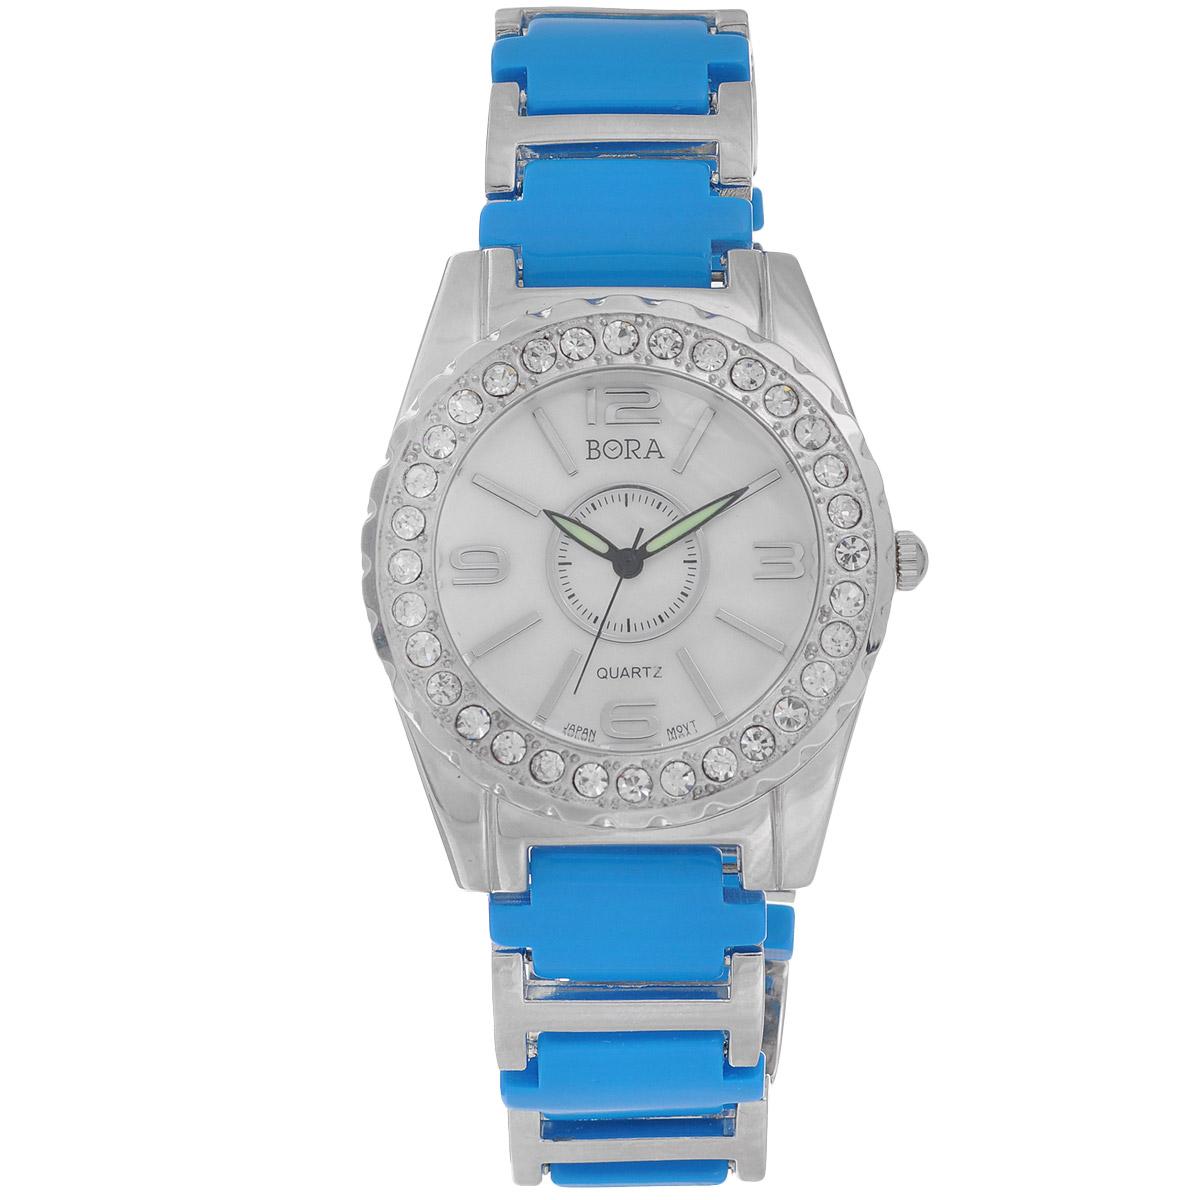 Часы наручные женские Bora, цвет: голубой, серебряный. FWBR052 / T-B-8527-WATCH-TURQUOISER1556-53Часы торговой марки Bora отличает изысканный стиль и превосходное качество изготовления. Японский механизм Seiko отличает невероятная точность. С ними вы точно не пропустите ничего интересного.Корпус часов выполнен из легированного металлического сплава и украшен стразами. Ремешок изготовлен из металла и ювелирного пластика и застегивается на застежку-клипсу.Практичная и незаменимая вещь в сумасшедшем ритме современной жизни. Стильный и элегантный аксессуар идеально дополнит ваш повседневный образ. Характеристики:Размеры корпуса: 4 х 4,5 х 1 см.Размеры ремешка без учета корпуса: 16 х 2 см.